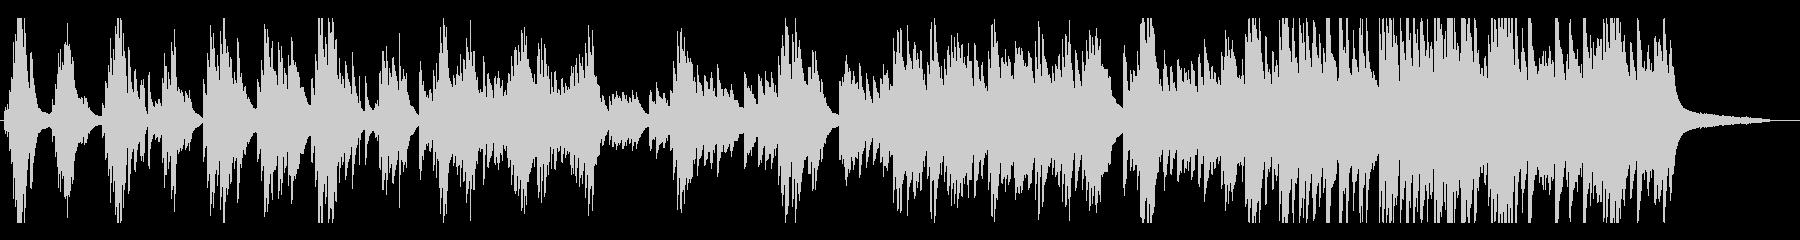 ドラマティックで和風な ピアノソロの未再生の波形